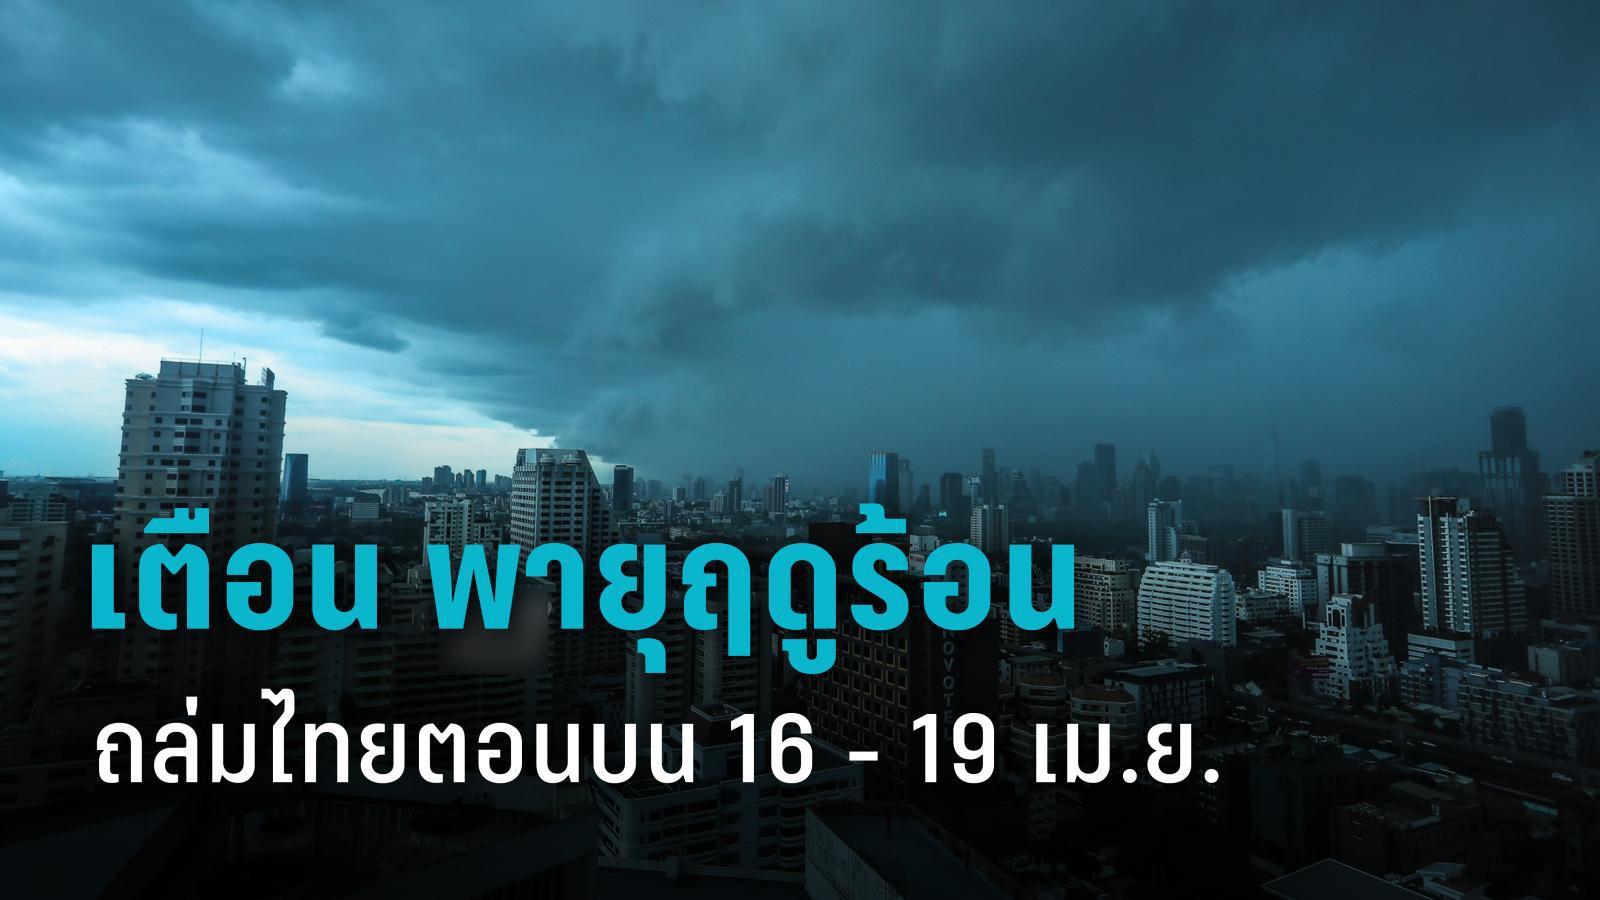 """กรมอุตุฯ เตือน """"พายุฤดูร้อน"""" ถล่มไทยตอนบน 40 จว. รับมือฝนตก - ลมแรง"""